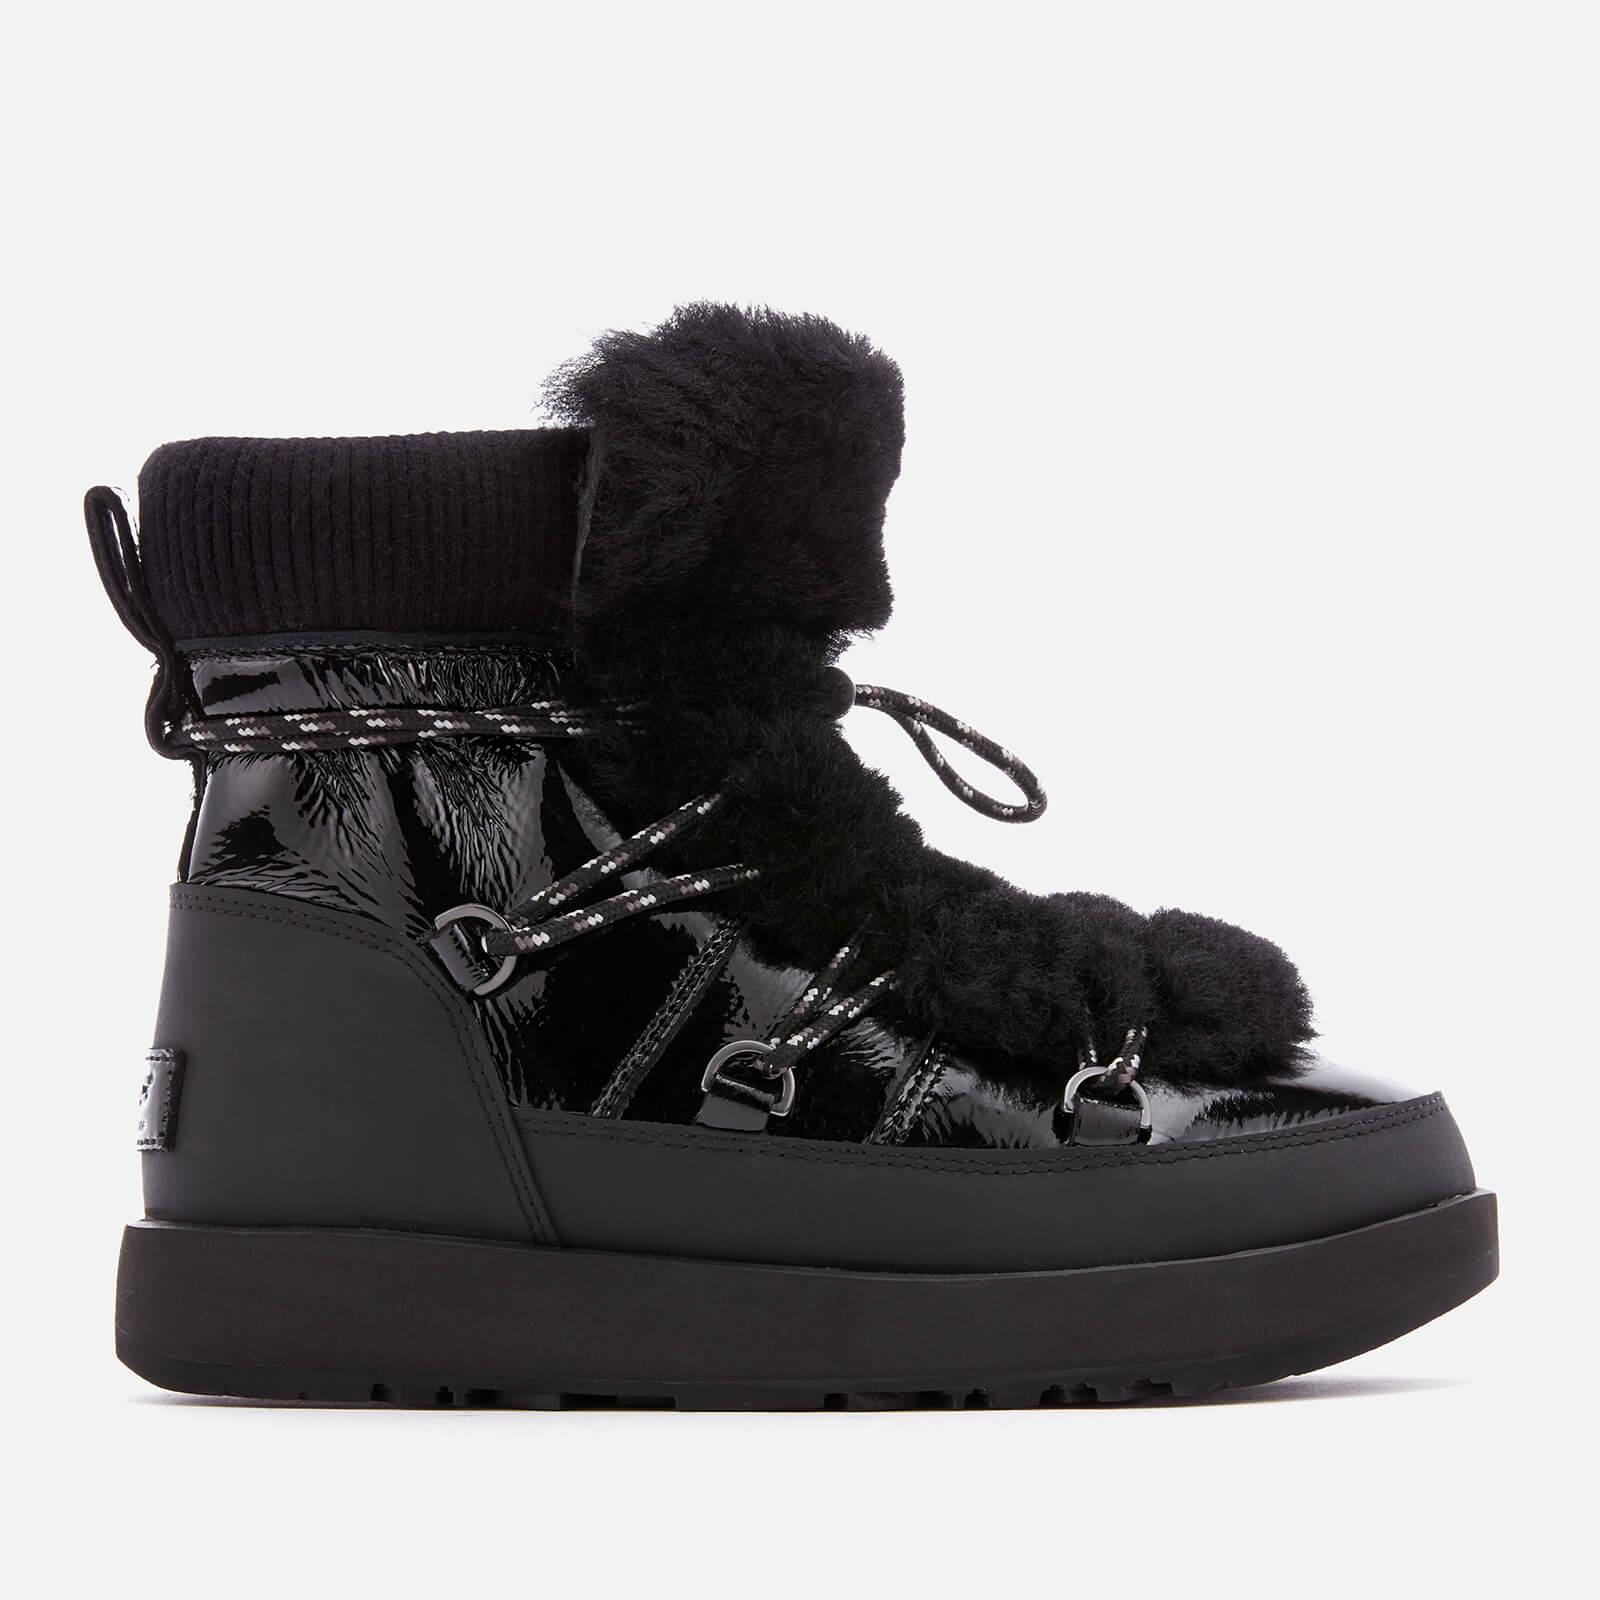 0997a602242 UGG Women's Highland Waterproof Boots - Black